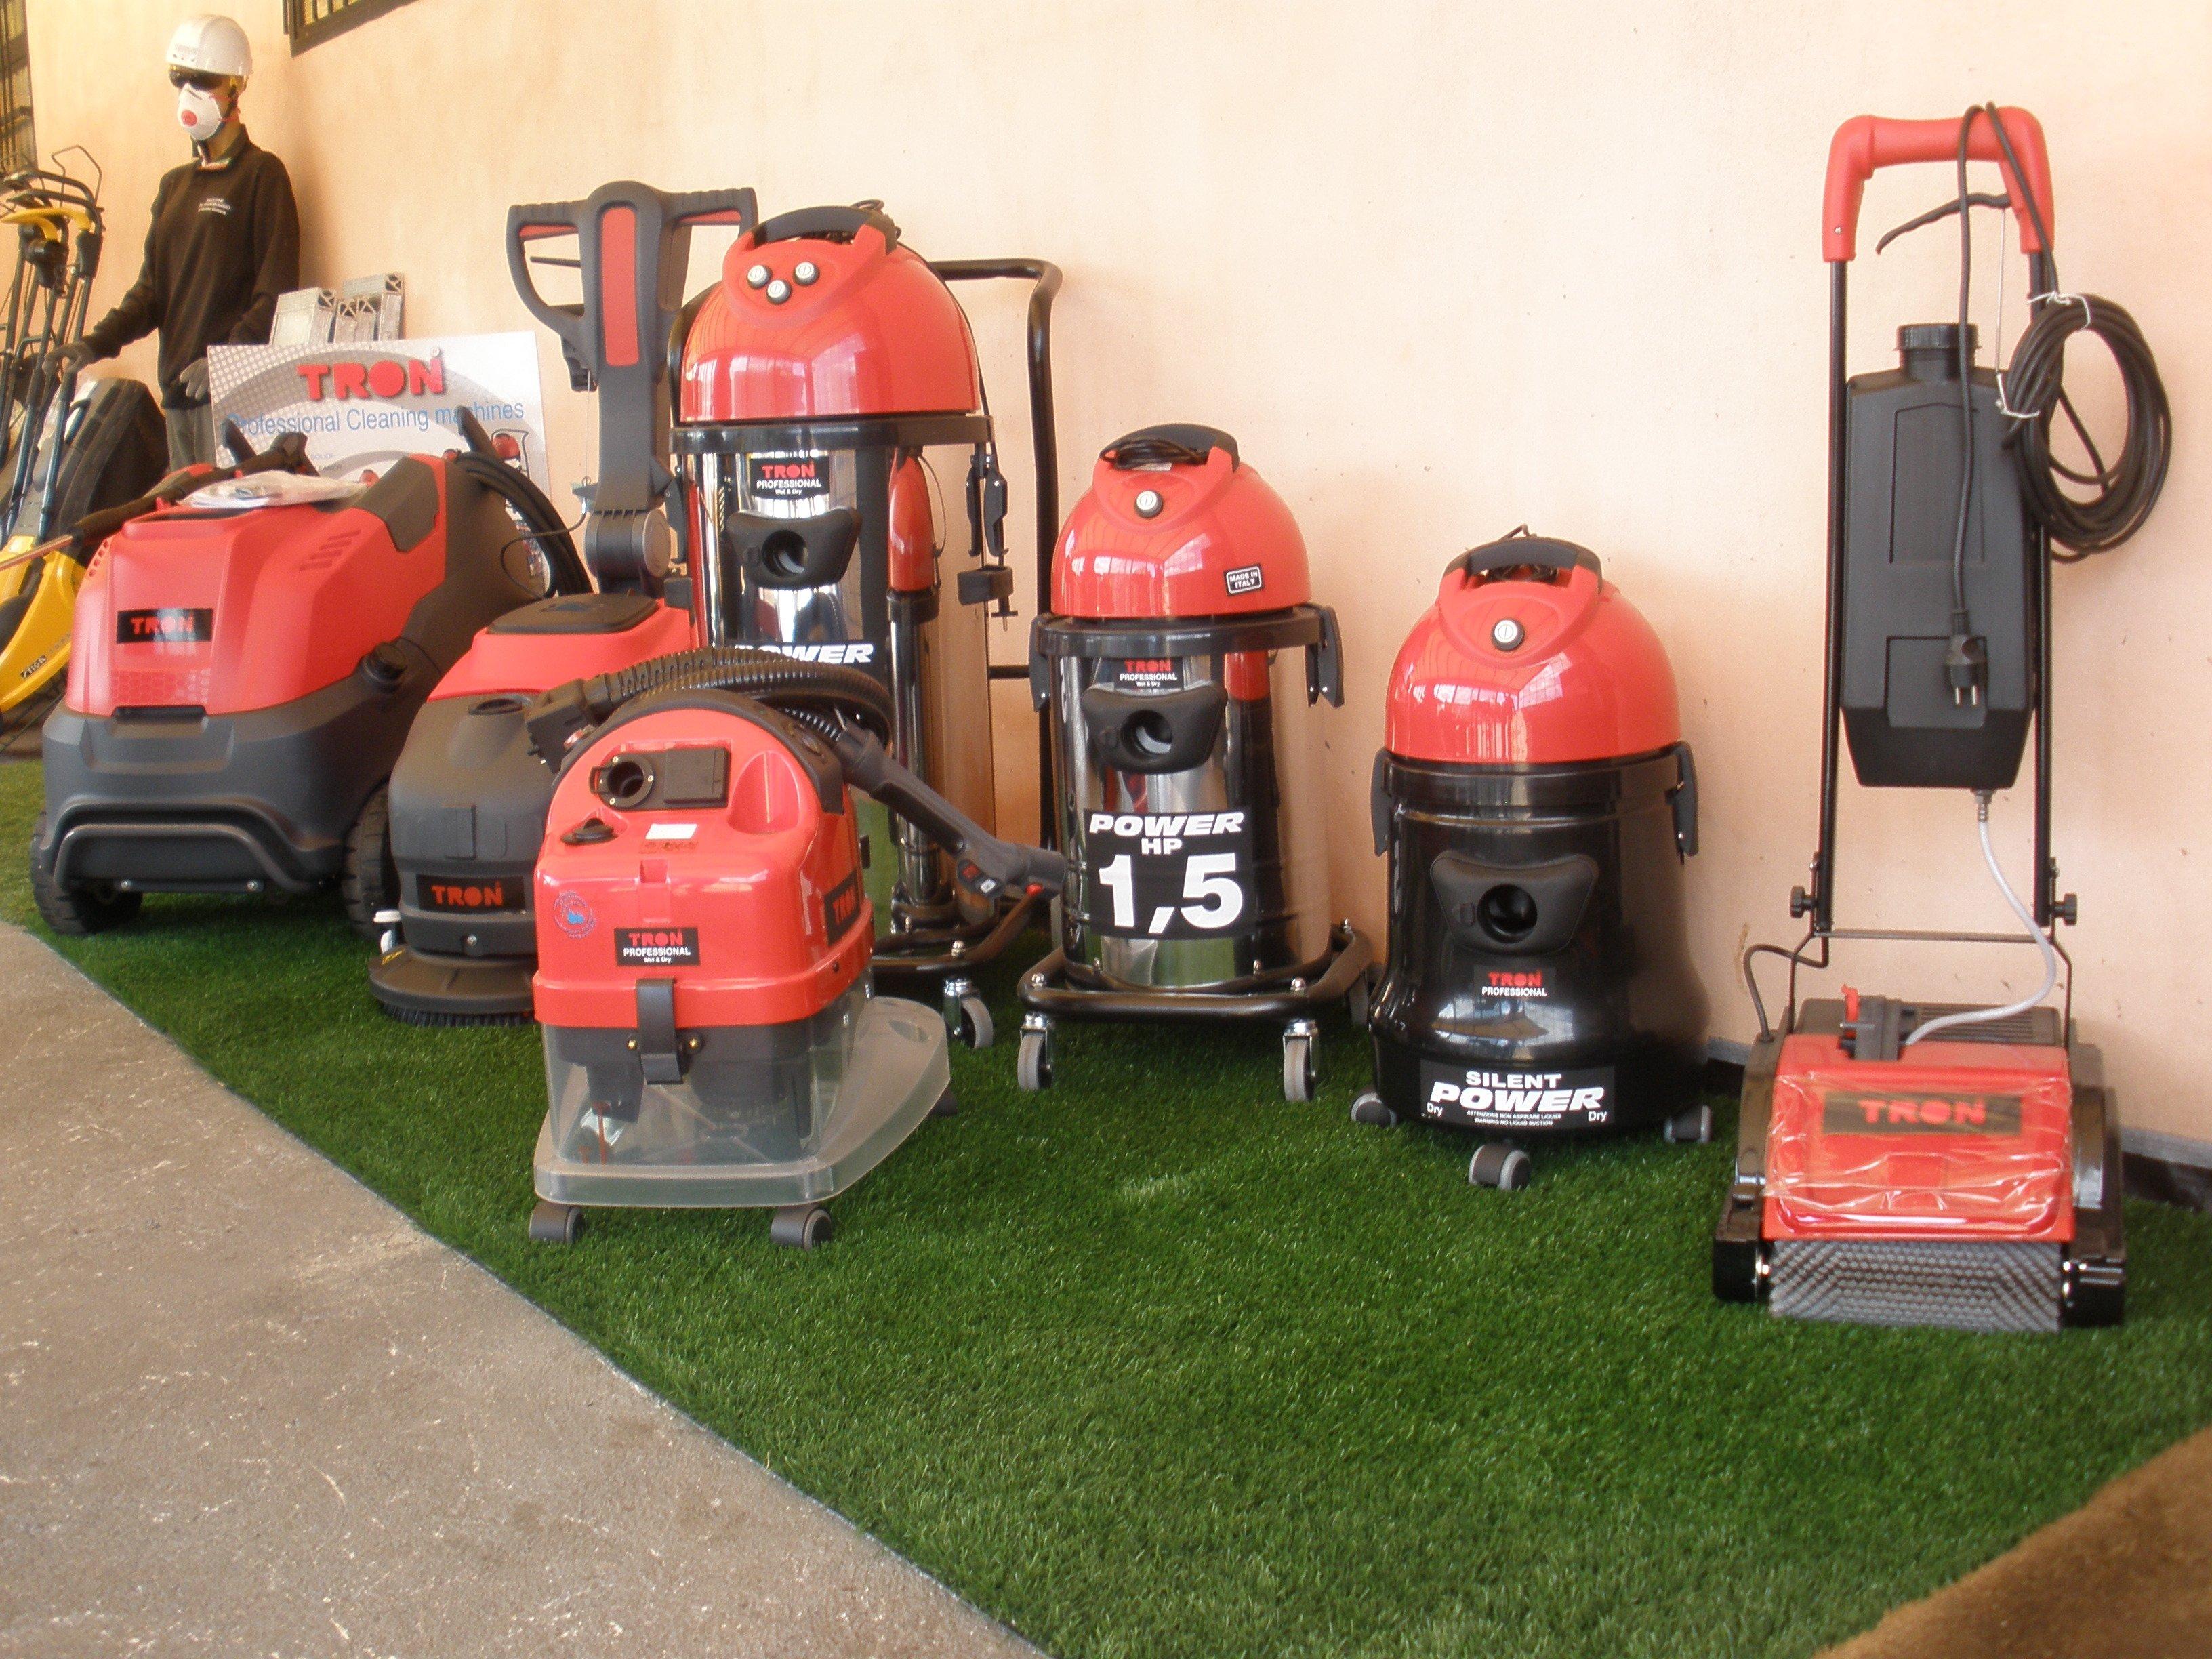 Dettaglio di macchinari per la pulizia dei giardini